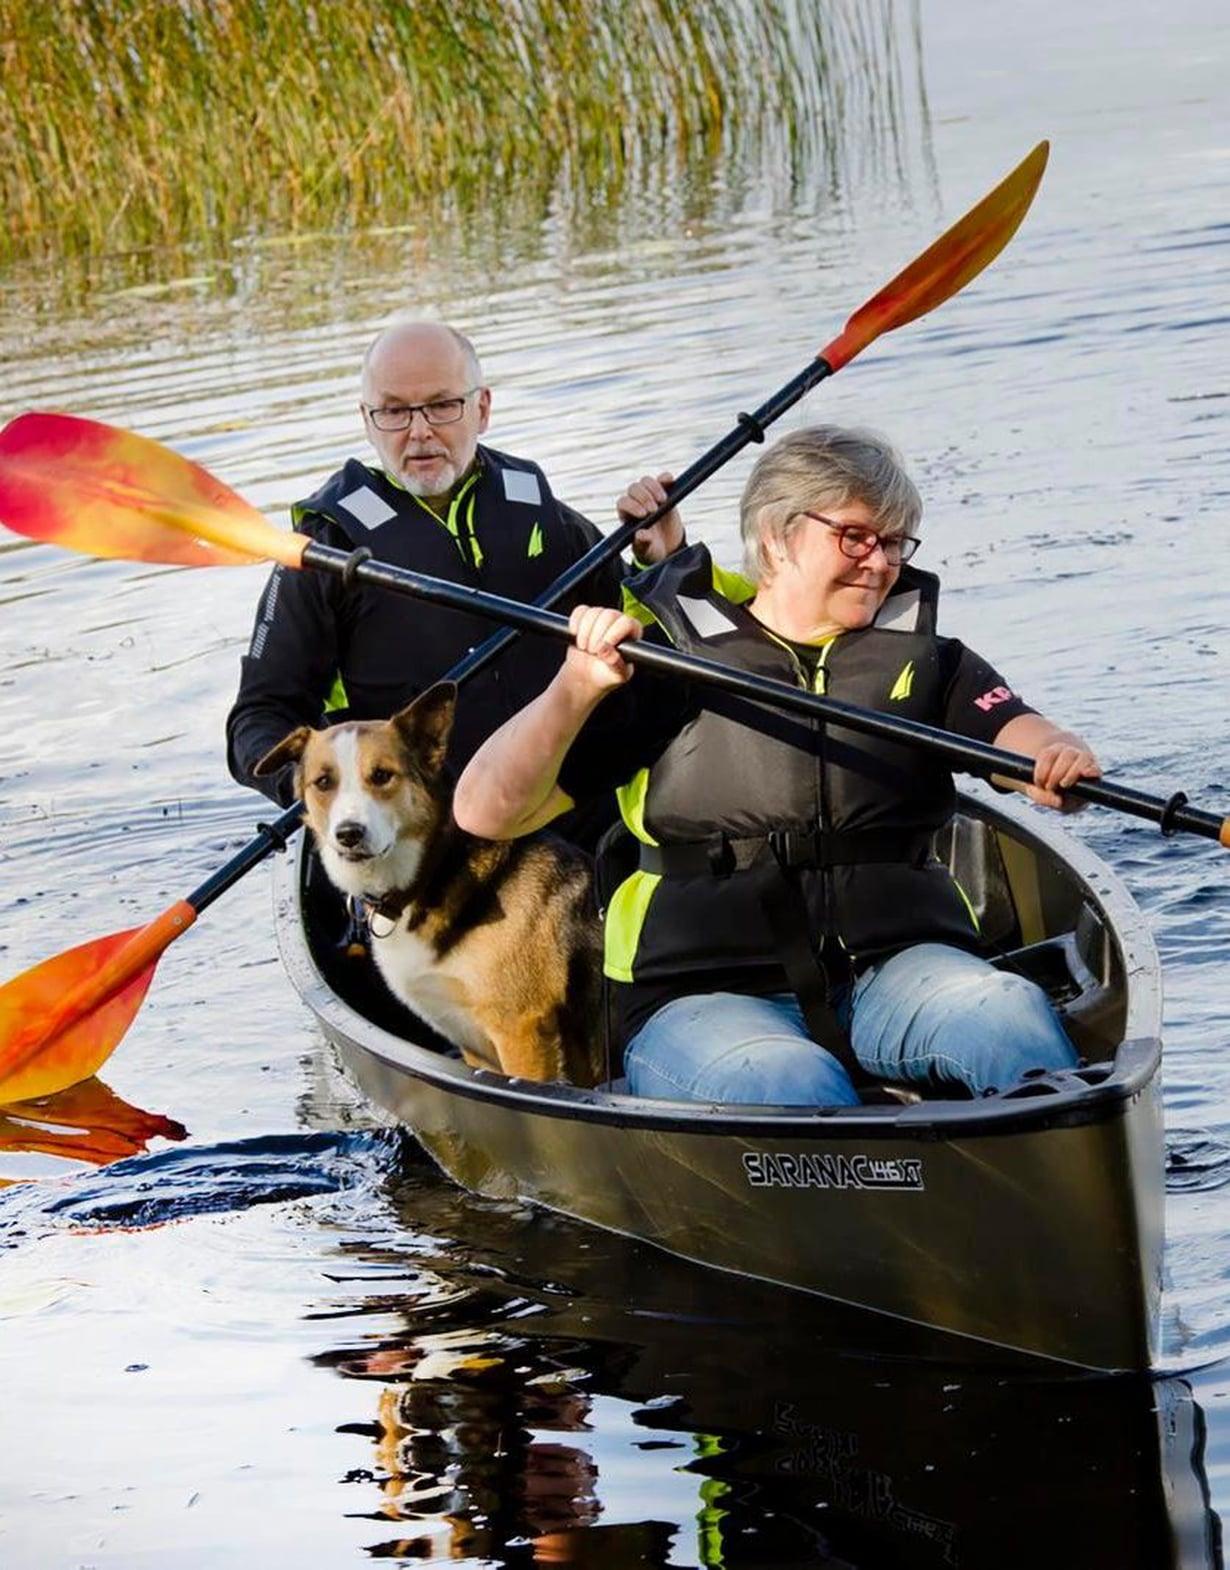 Henrik ja Ulla-Beth tietävät metsäluonnon hyvää tekevän voiman. Niin Nando-koirakin.